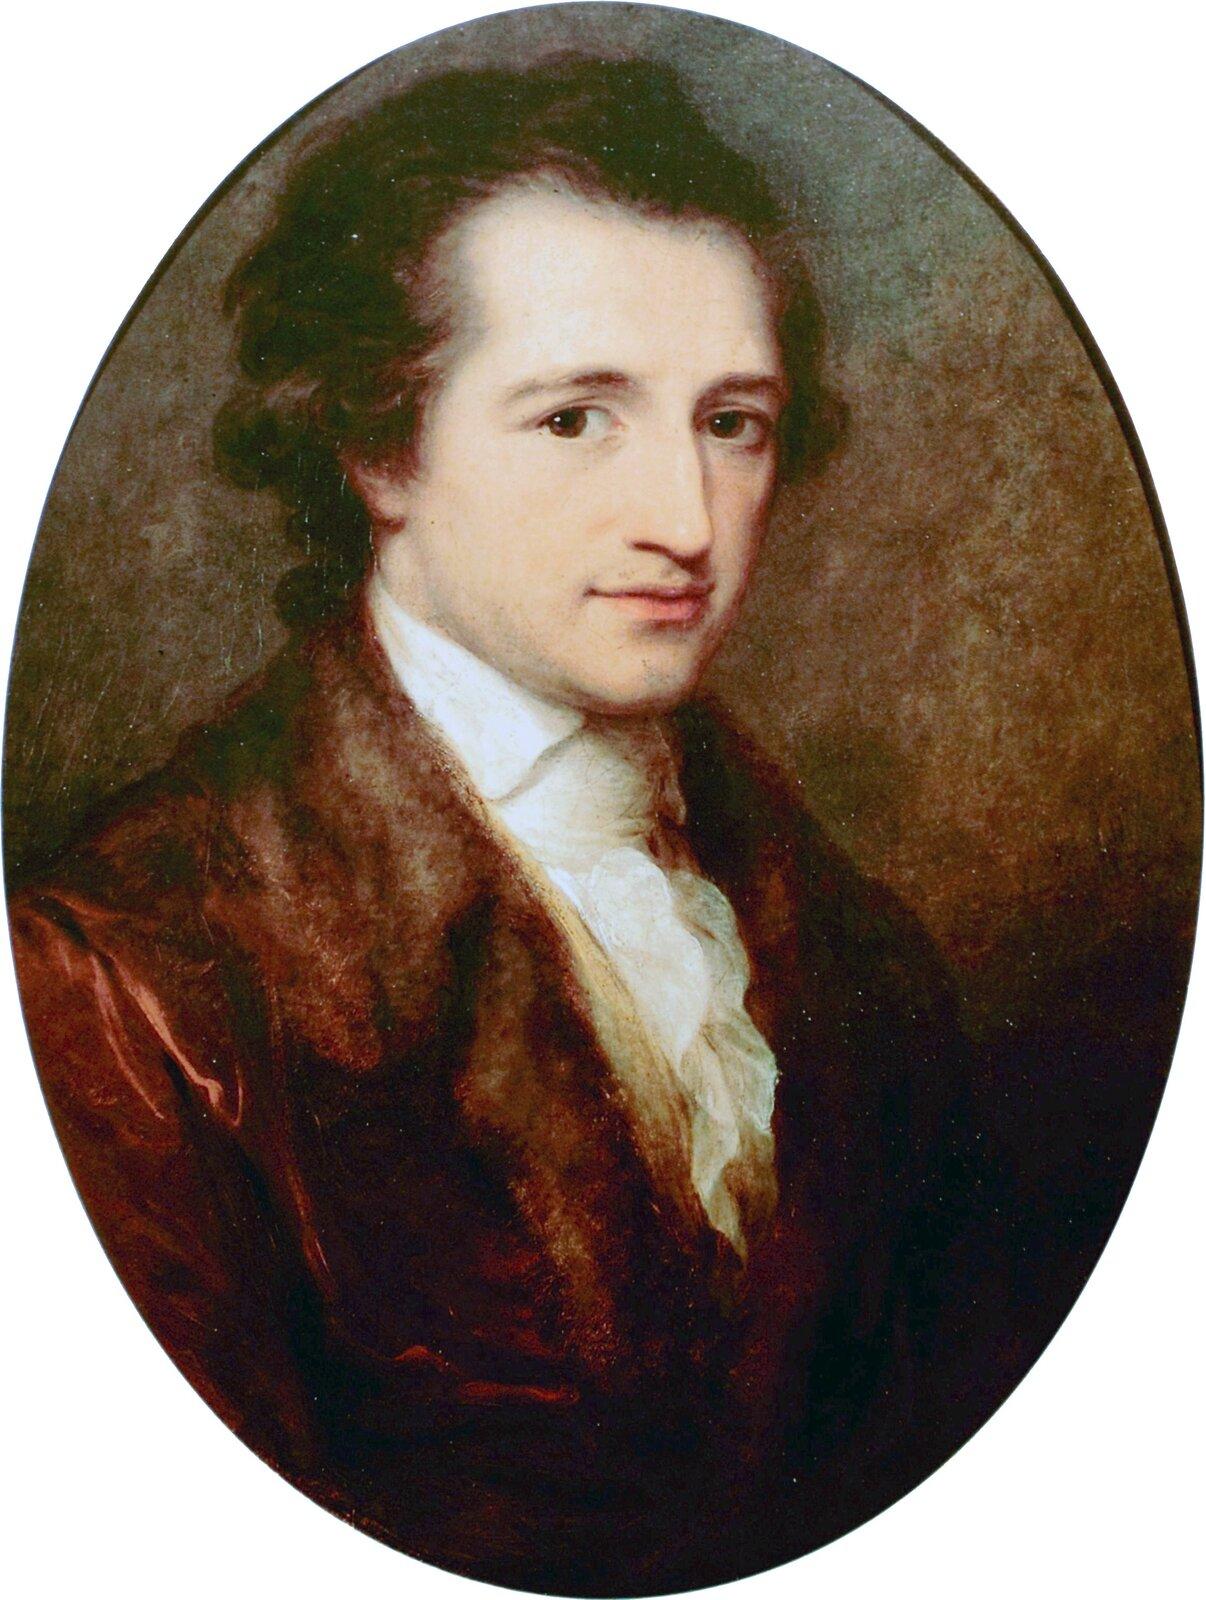 Młody Johann Wolfgang Goethe Źródło: Angelica Kauffman, Młody Johann Wolfgang Goethe, 1787, olej na płótnie, Goethe-Nationalmuseum (Weimar), domena publiczna.